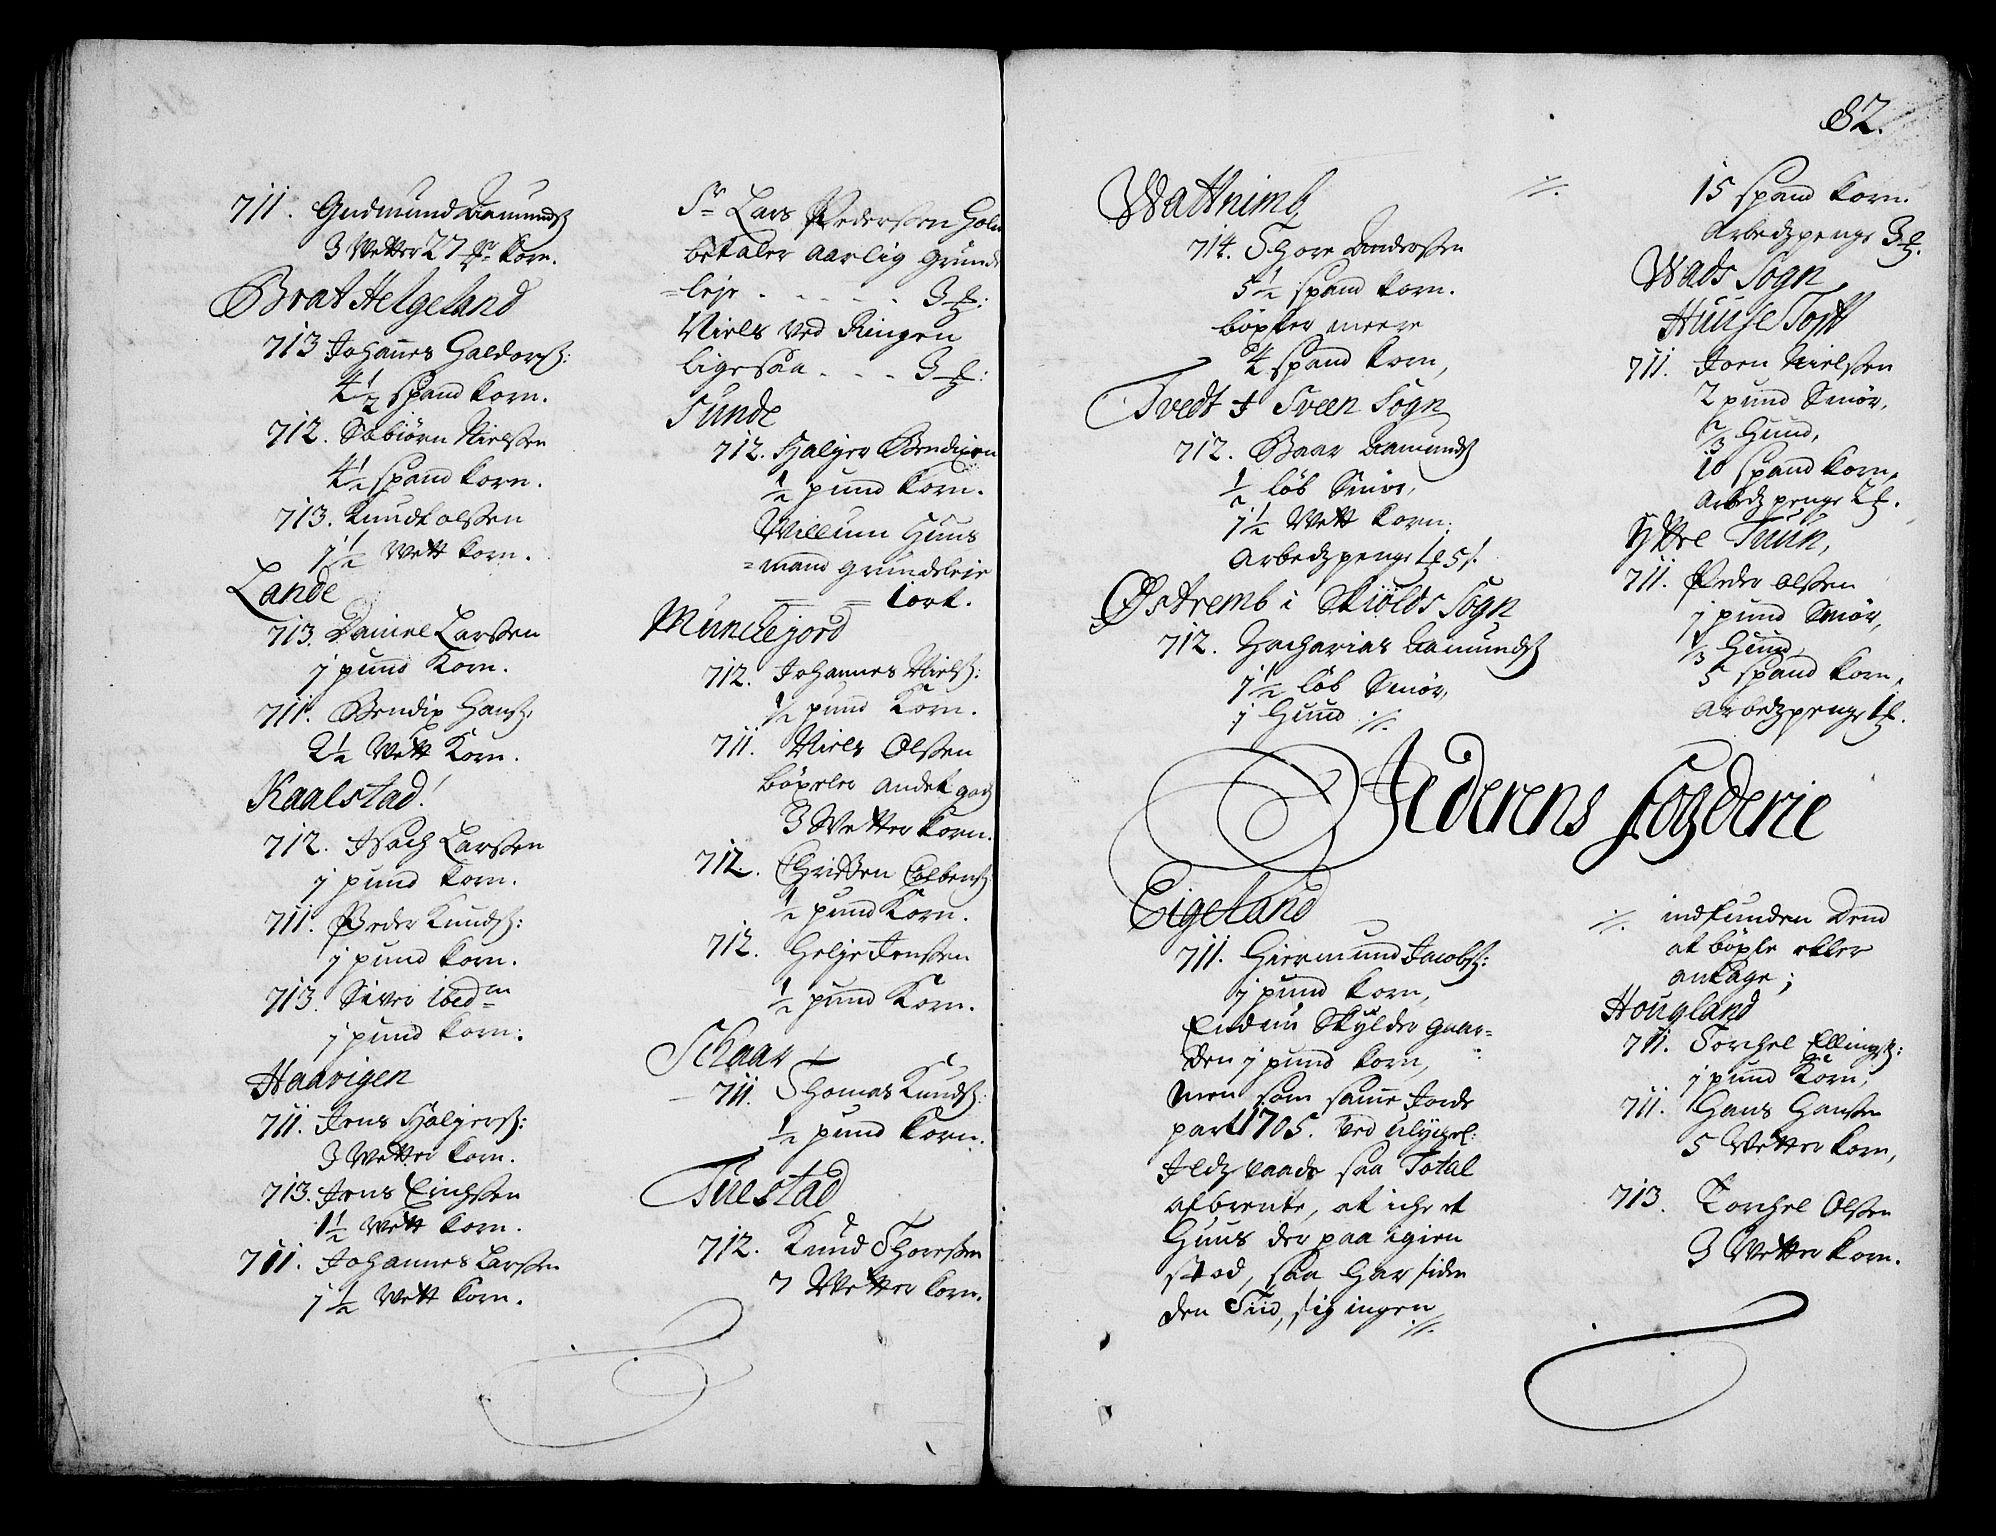 RA, Rentekammeret inntil 1814, Realistisk ordnet avdeling, On/L0003: [Jj 4]: Kommisjonsforretning over Vilhelm Hanssøns forpaktning av Halsnøy klosters gods, 1712-1722, s. 81b-82a